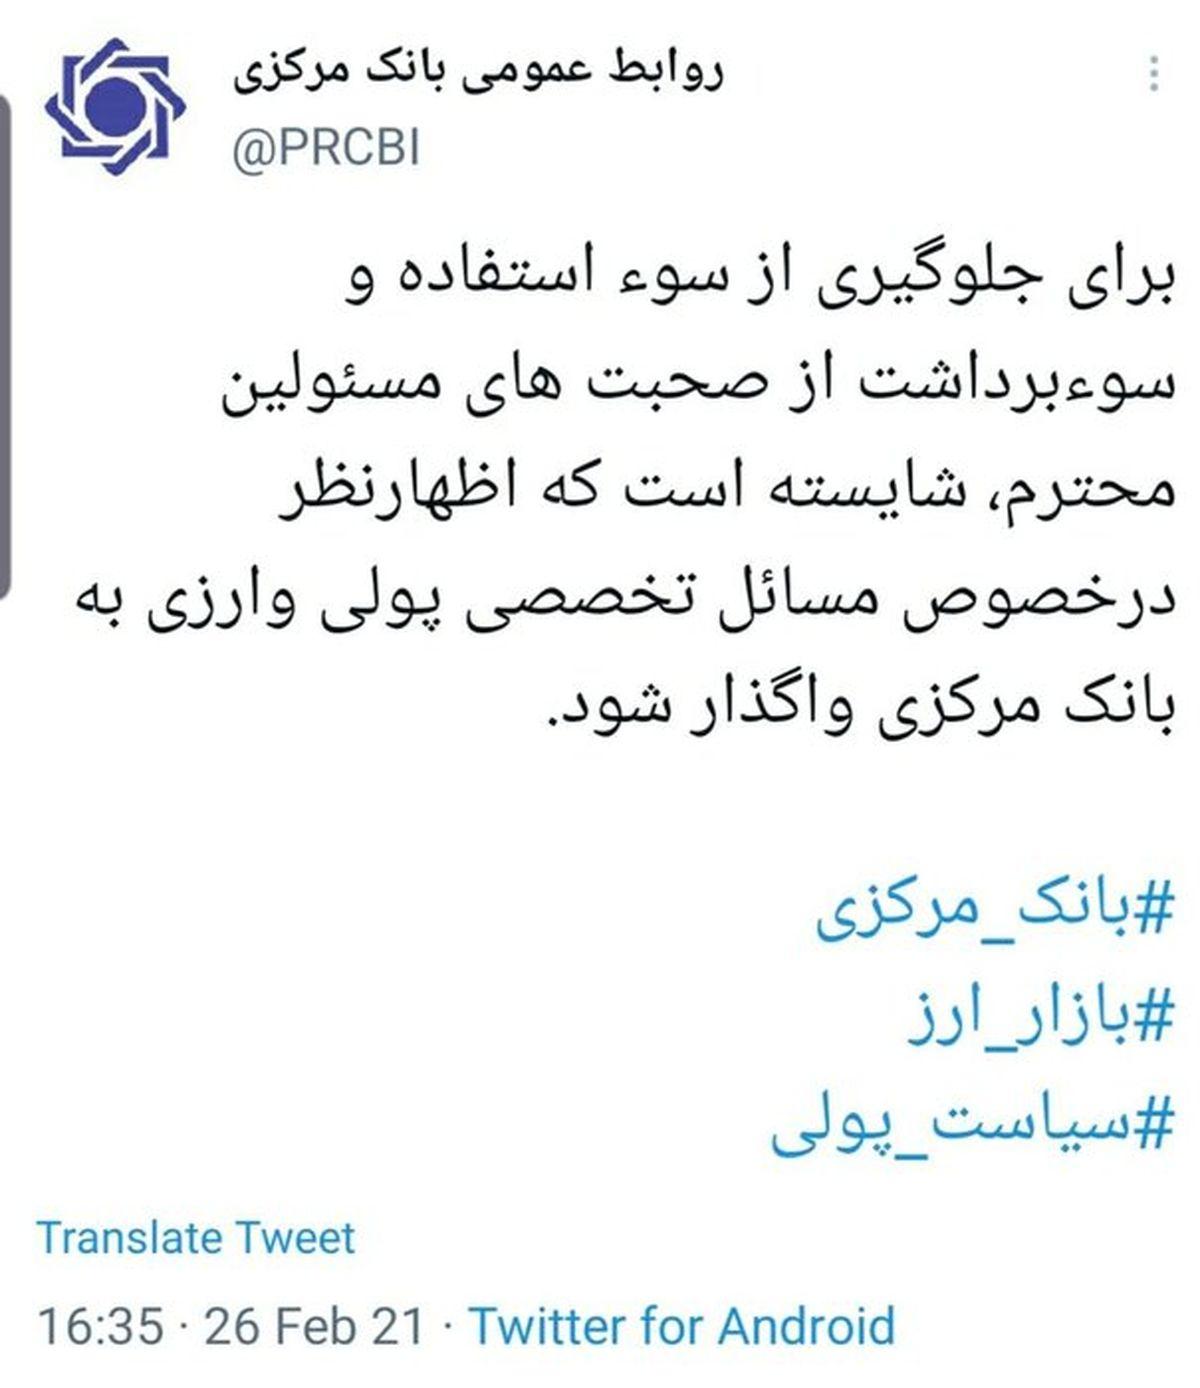 توییت بانک مرکزی در خصوص سوءبرداشت از اظهارات مسوولان